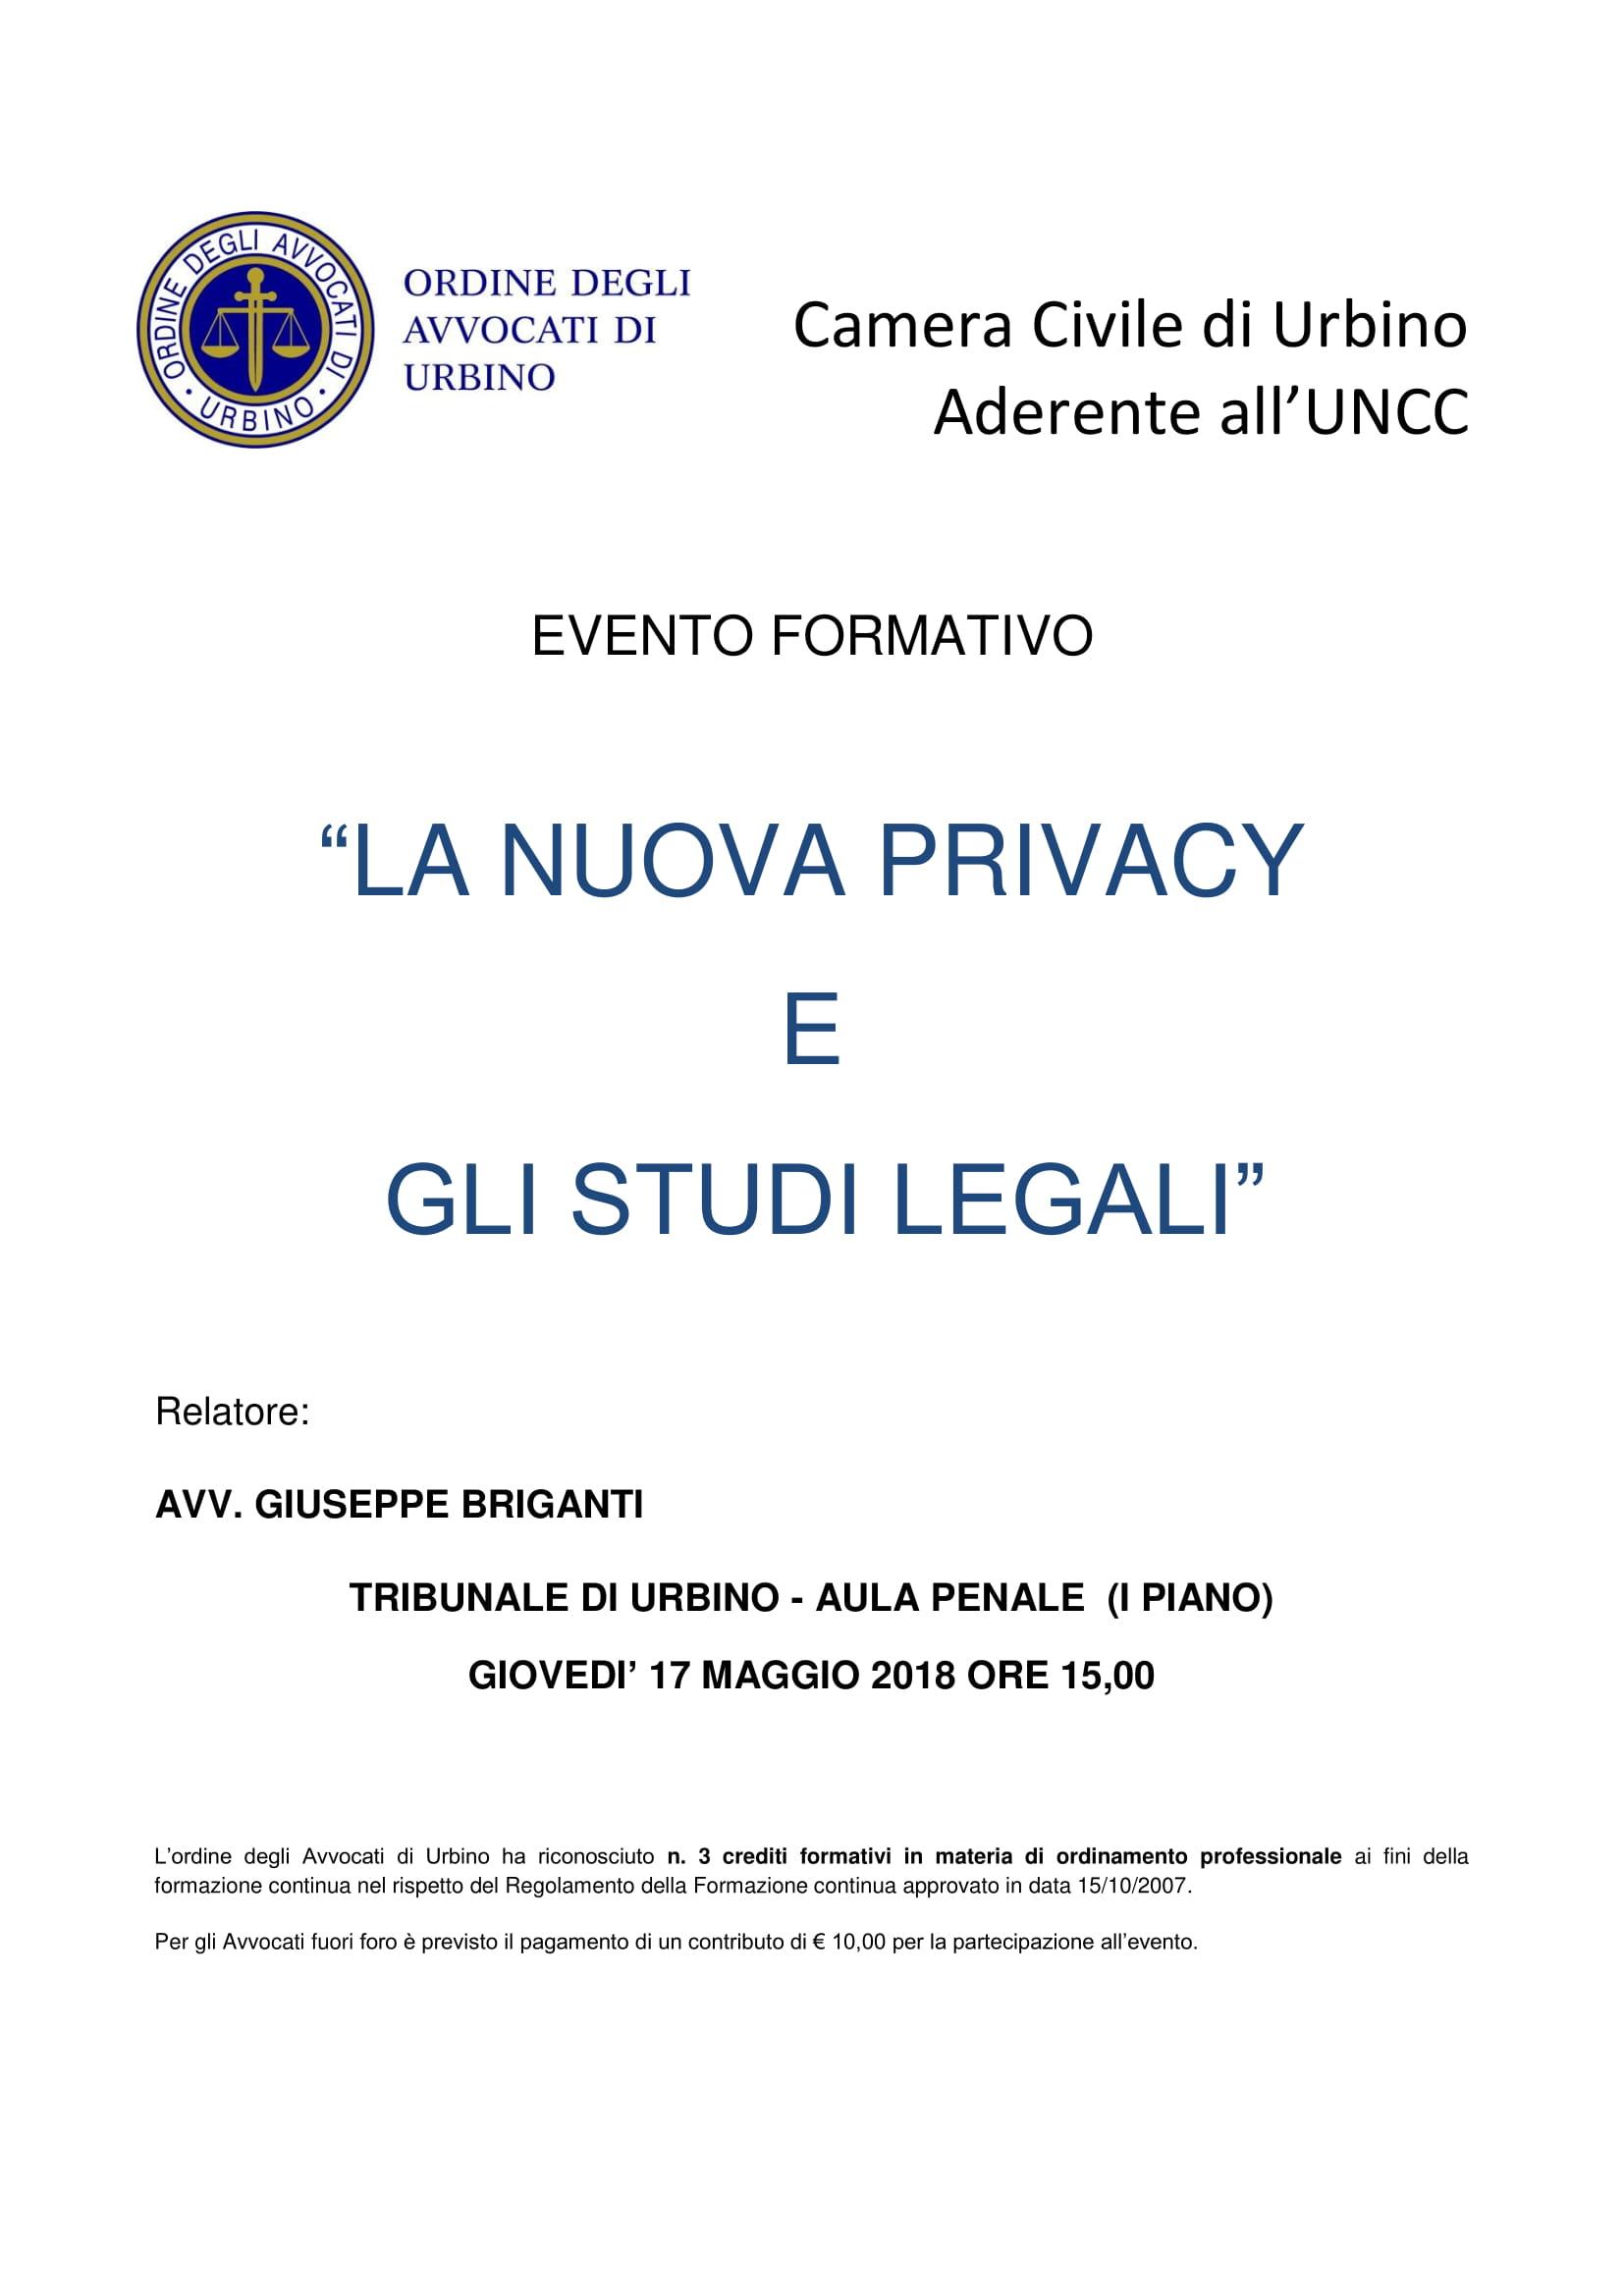 Privacy, studi legali e GDPR: cosa cambierà? Se ne parla a Urbino il 17 maggio 2018